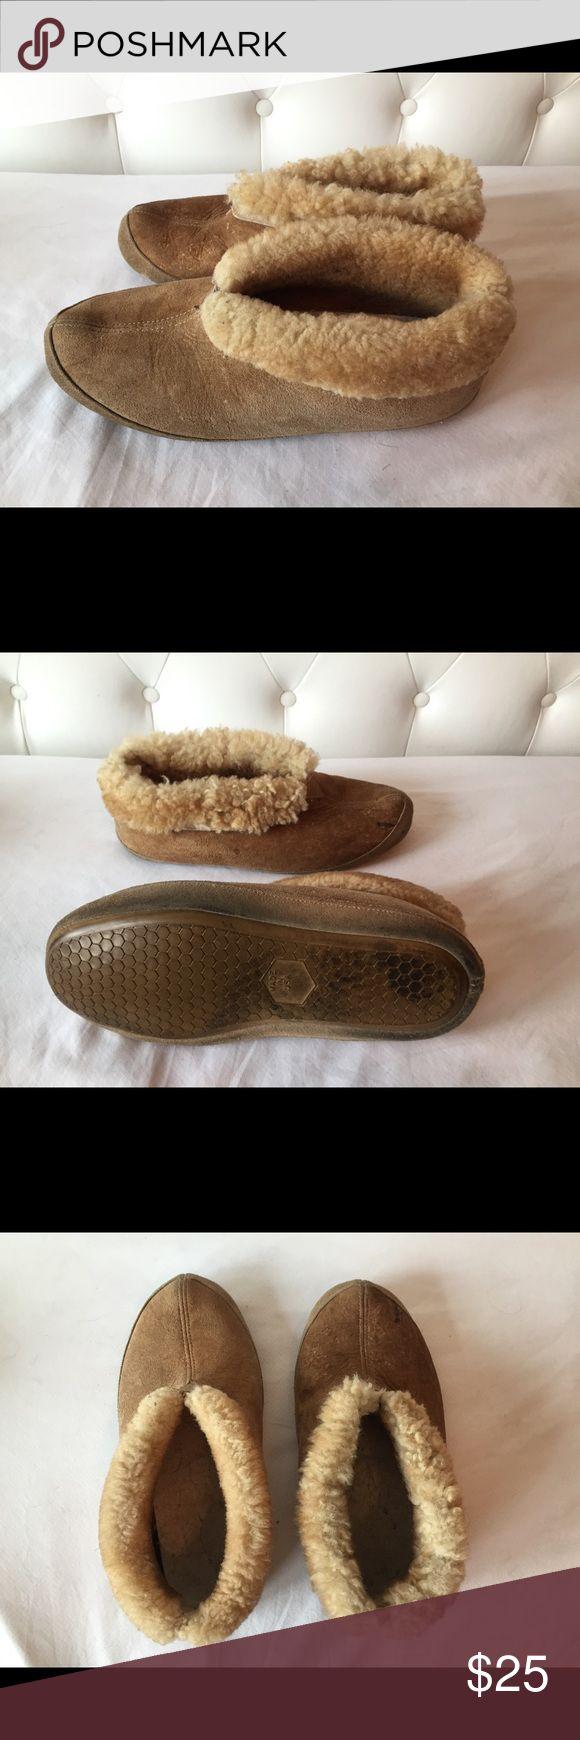 Men's Sheepskin Slippers Sz 10.5 Men's sheepskin slippers size 10.5 in brown. Shoes